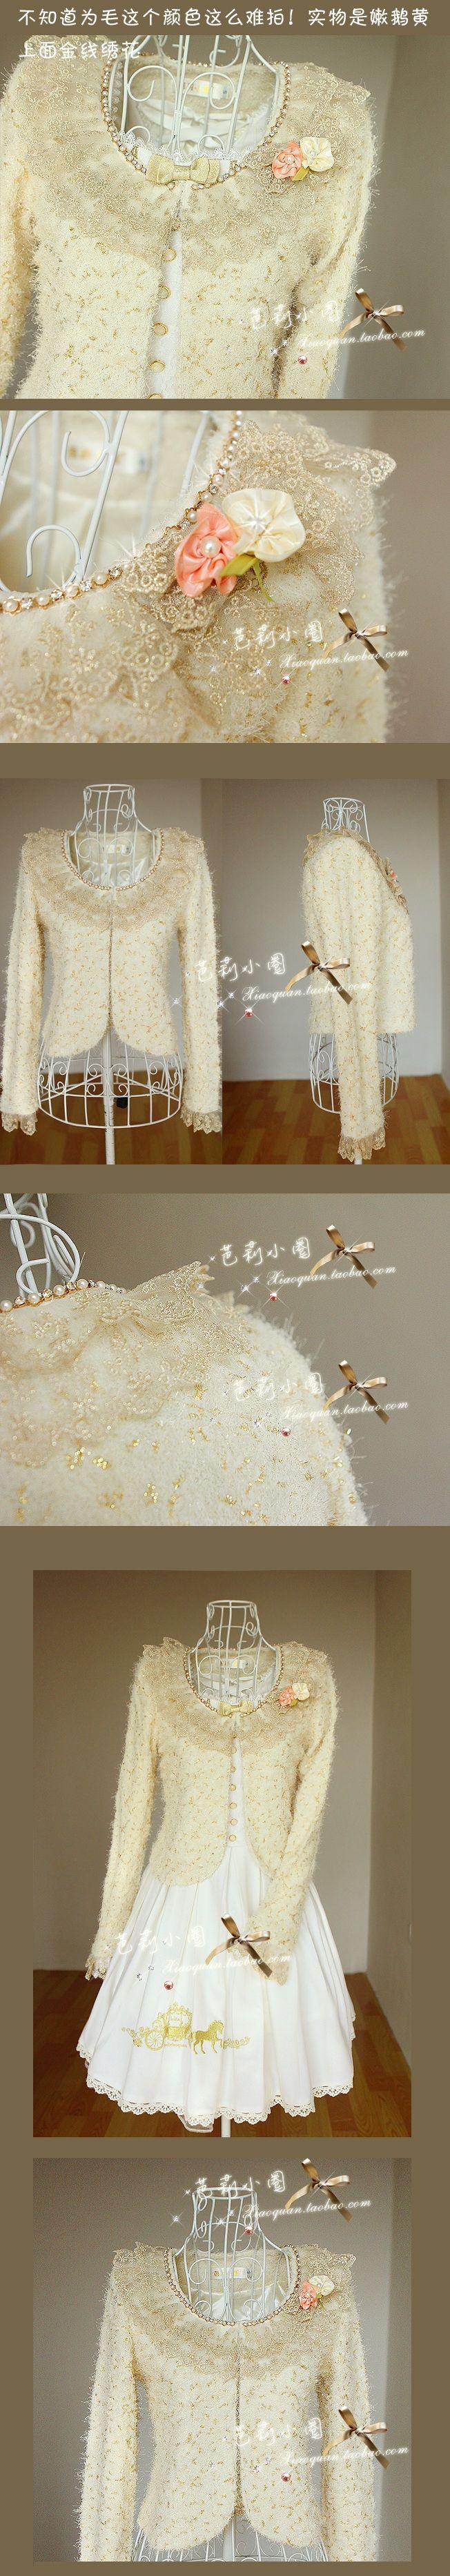 Eksklusiv lolita kjole aristokratisk Familier sirkel datter Princess måke strass strikke Små ting tjære 8303 - Taobao